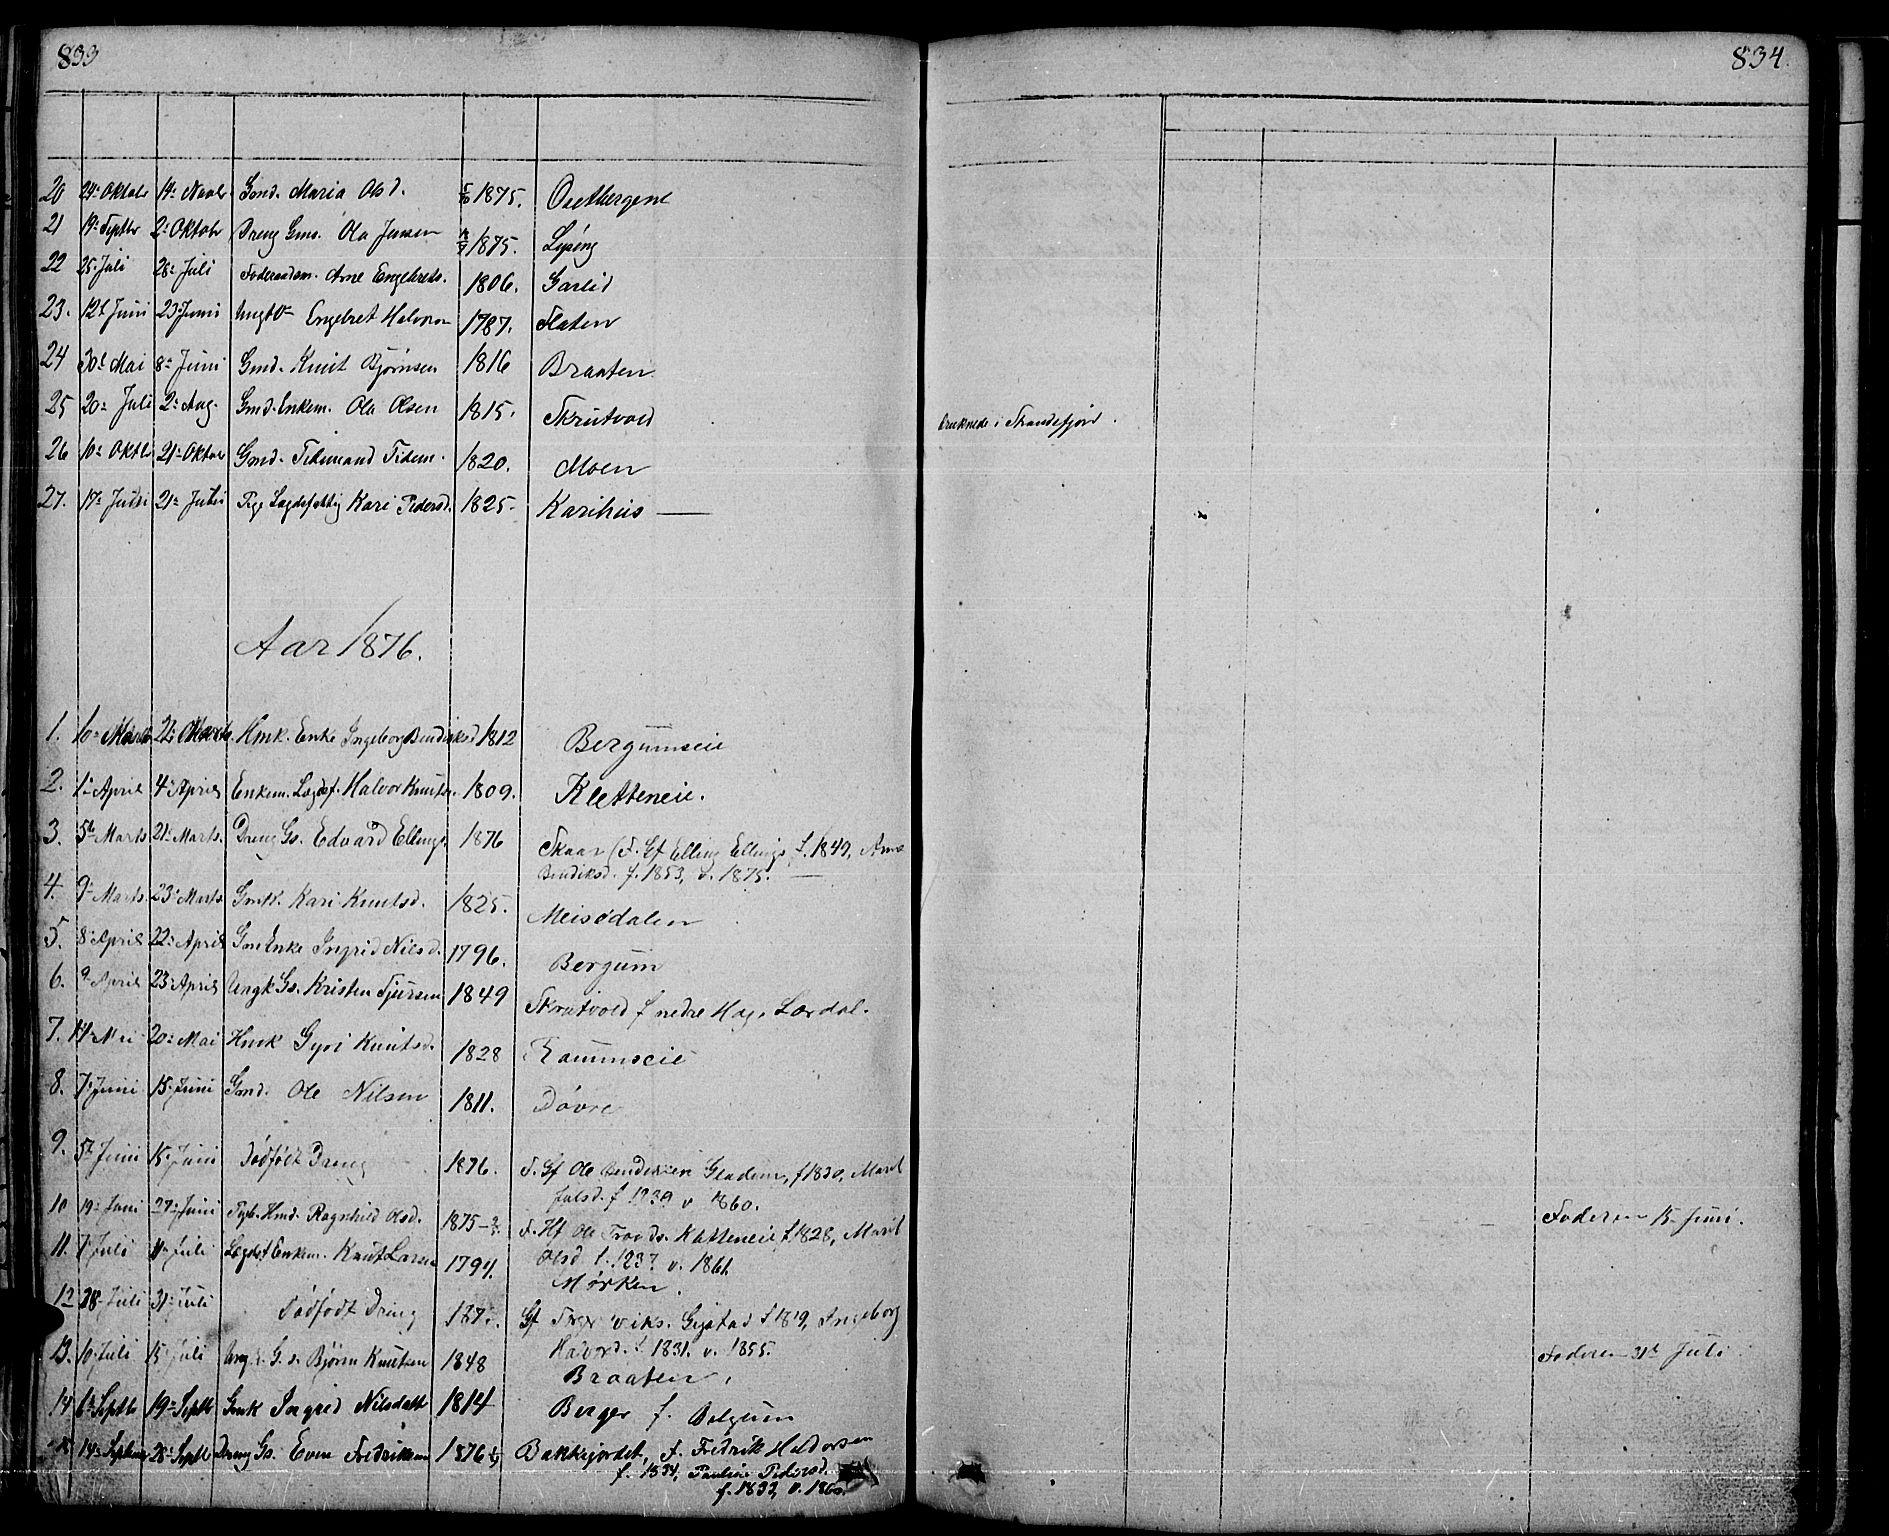 SAH, Nord-Aurdal prestekontor, Klokkerbok nr. 1, 1834-1887, s. 833-834